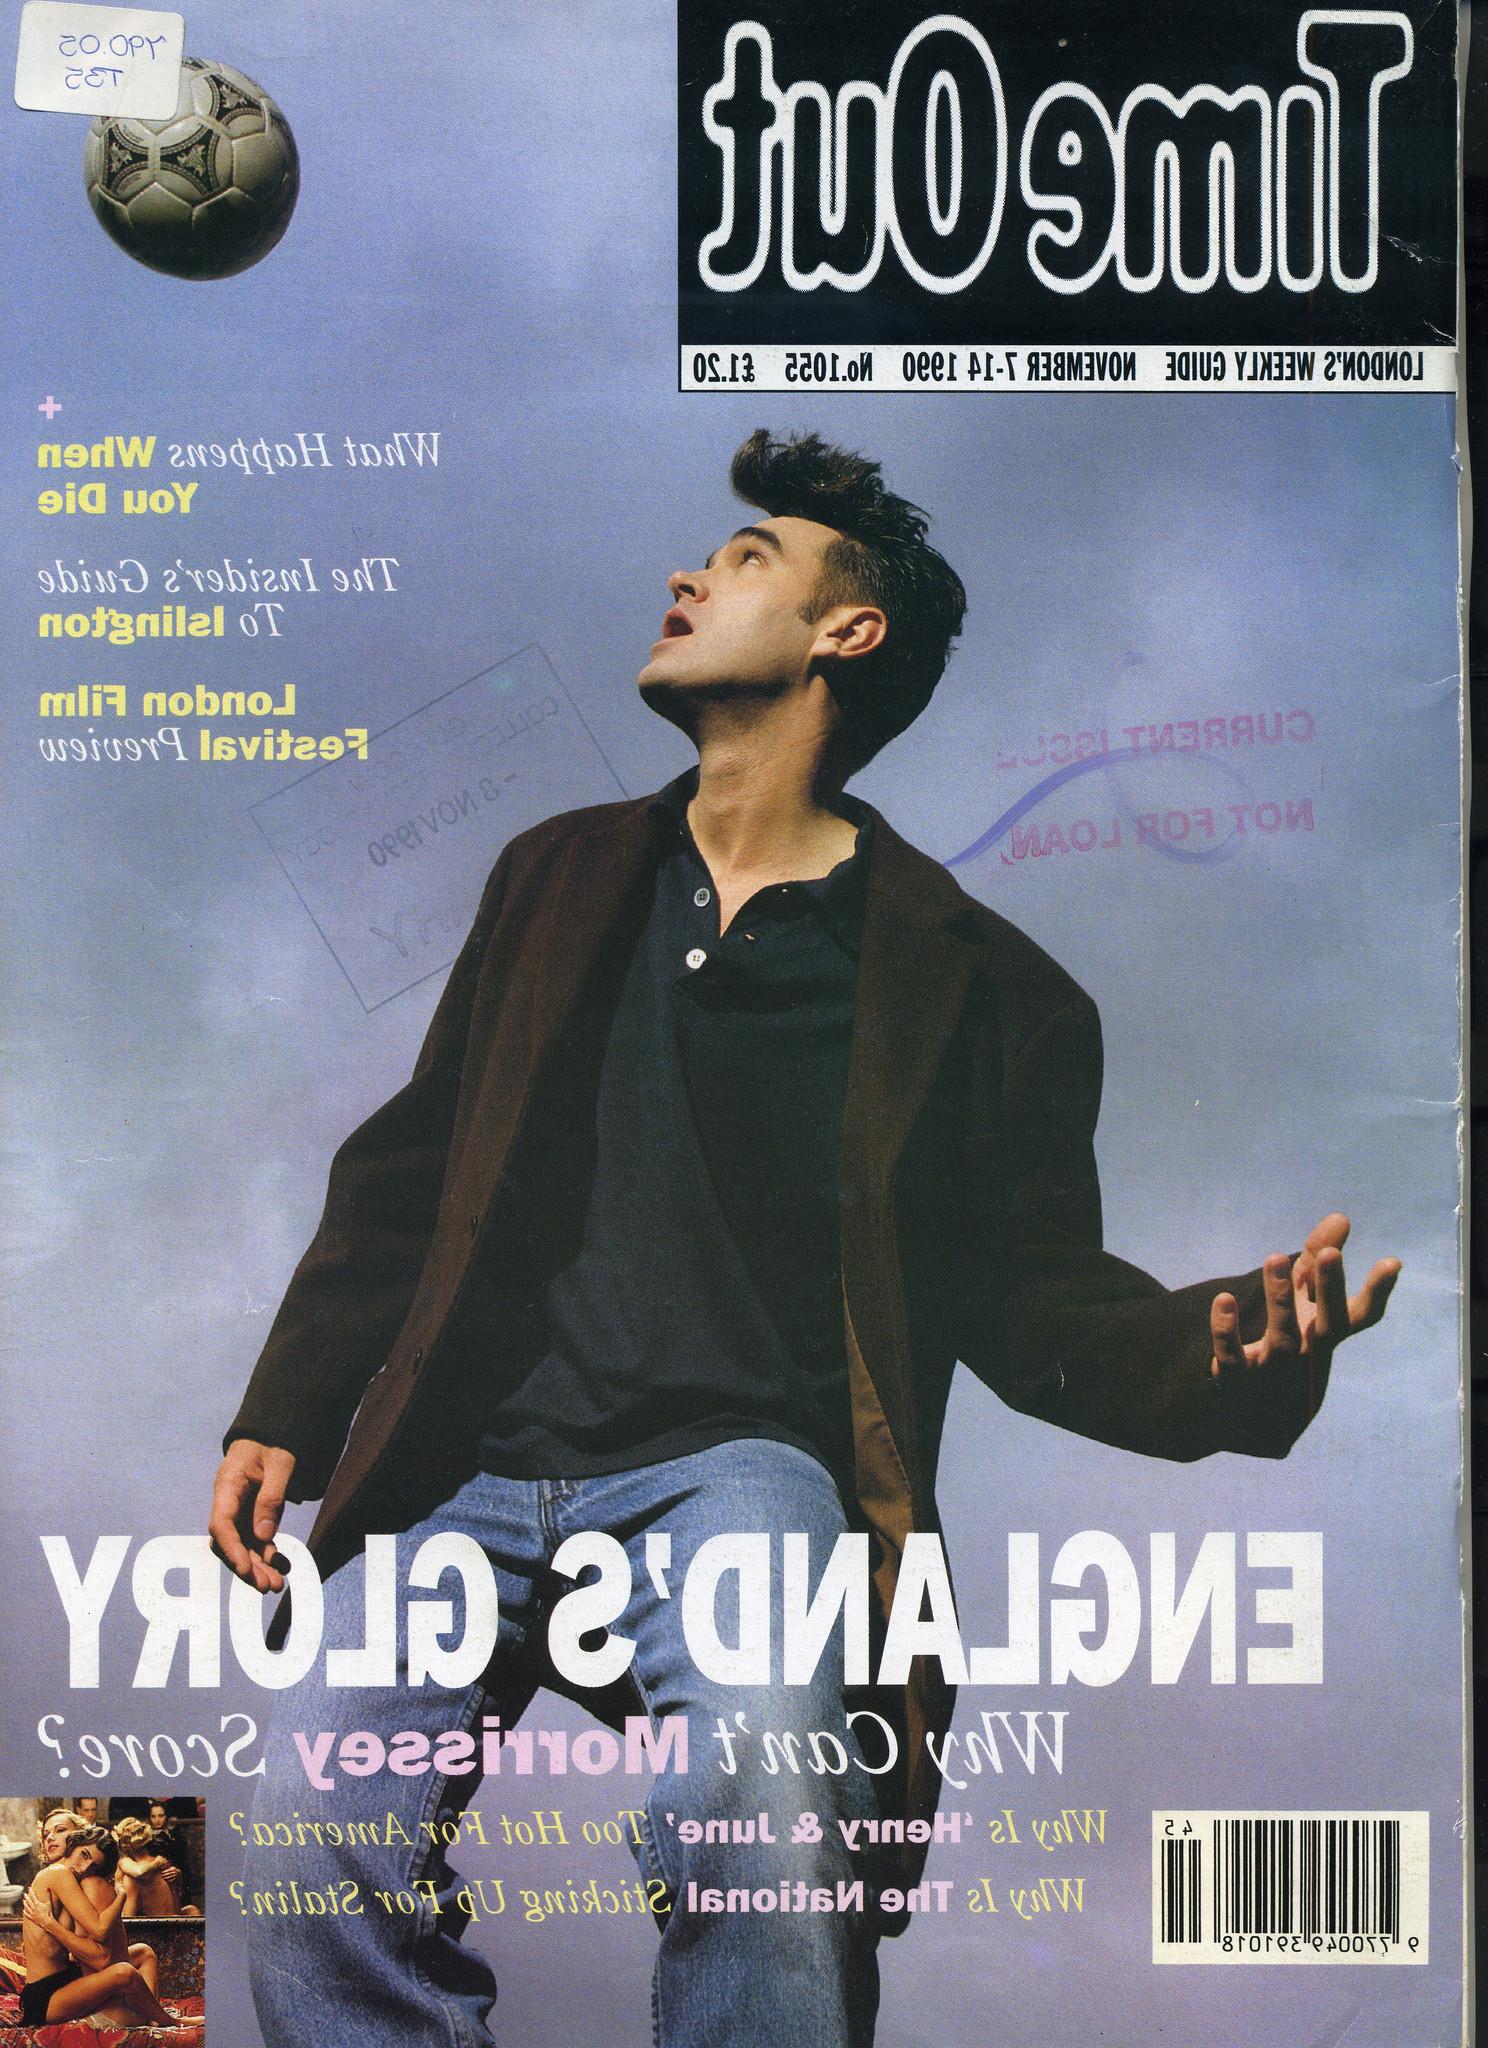 Morrissey Time Out Nov '90.jpg